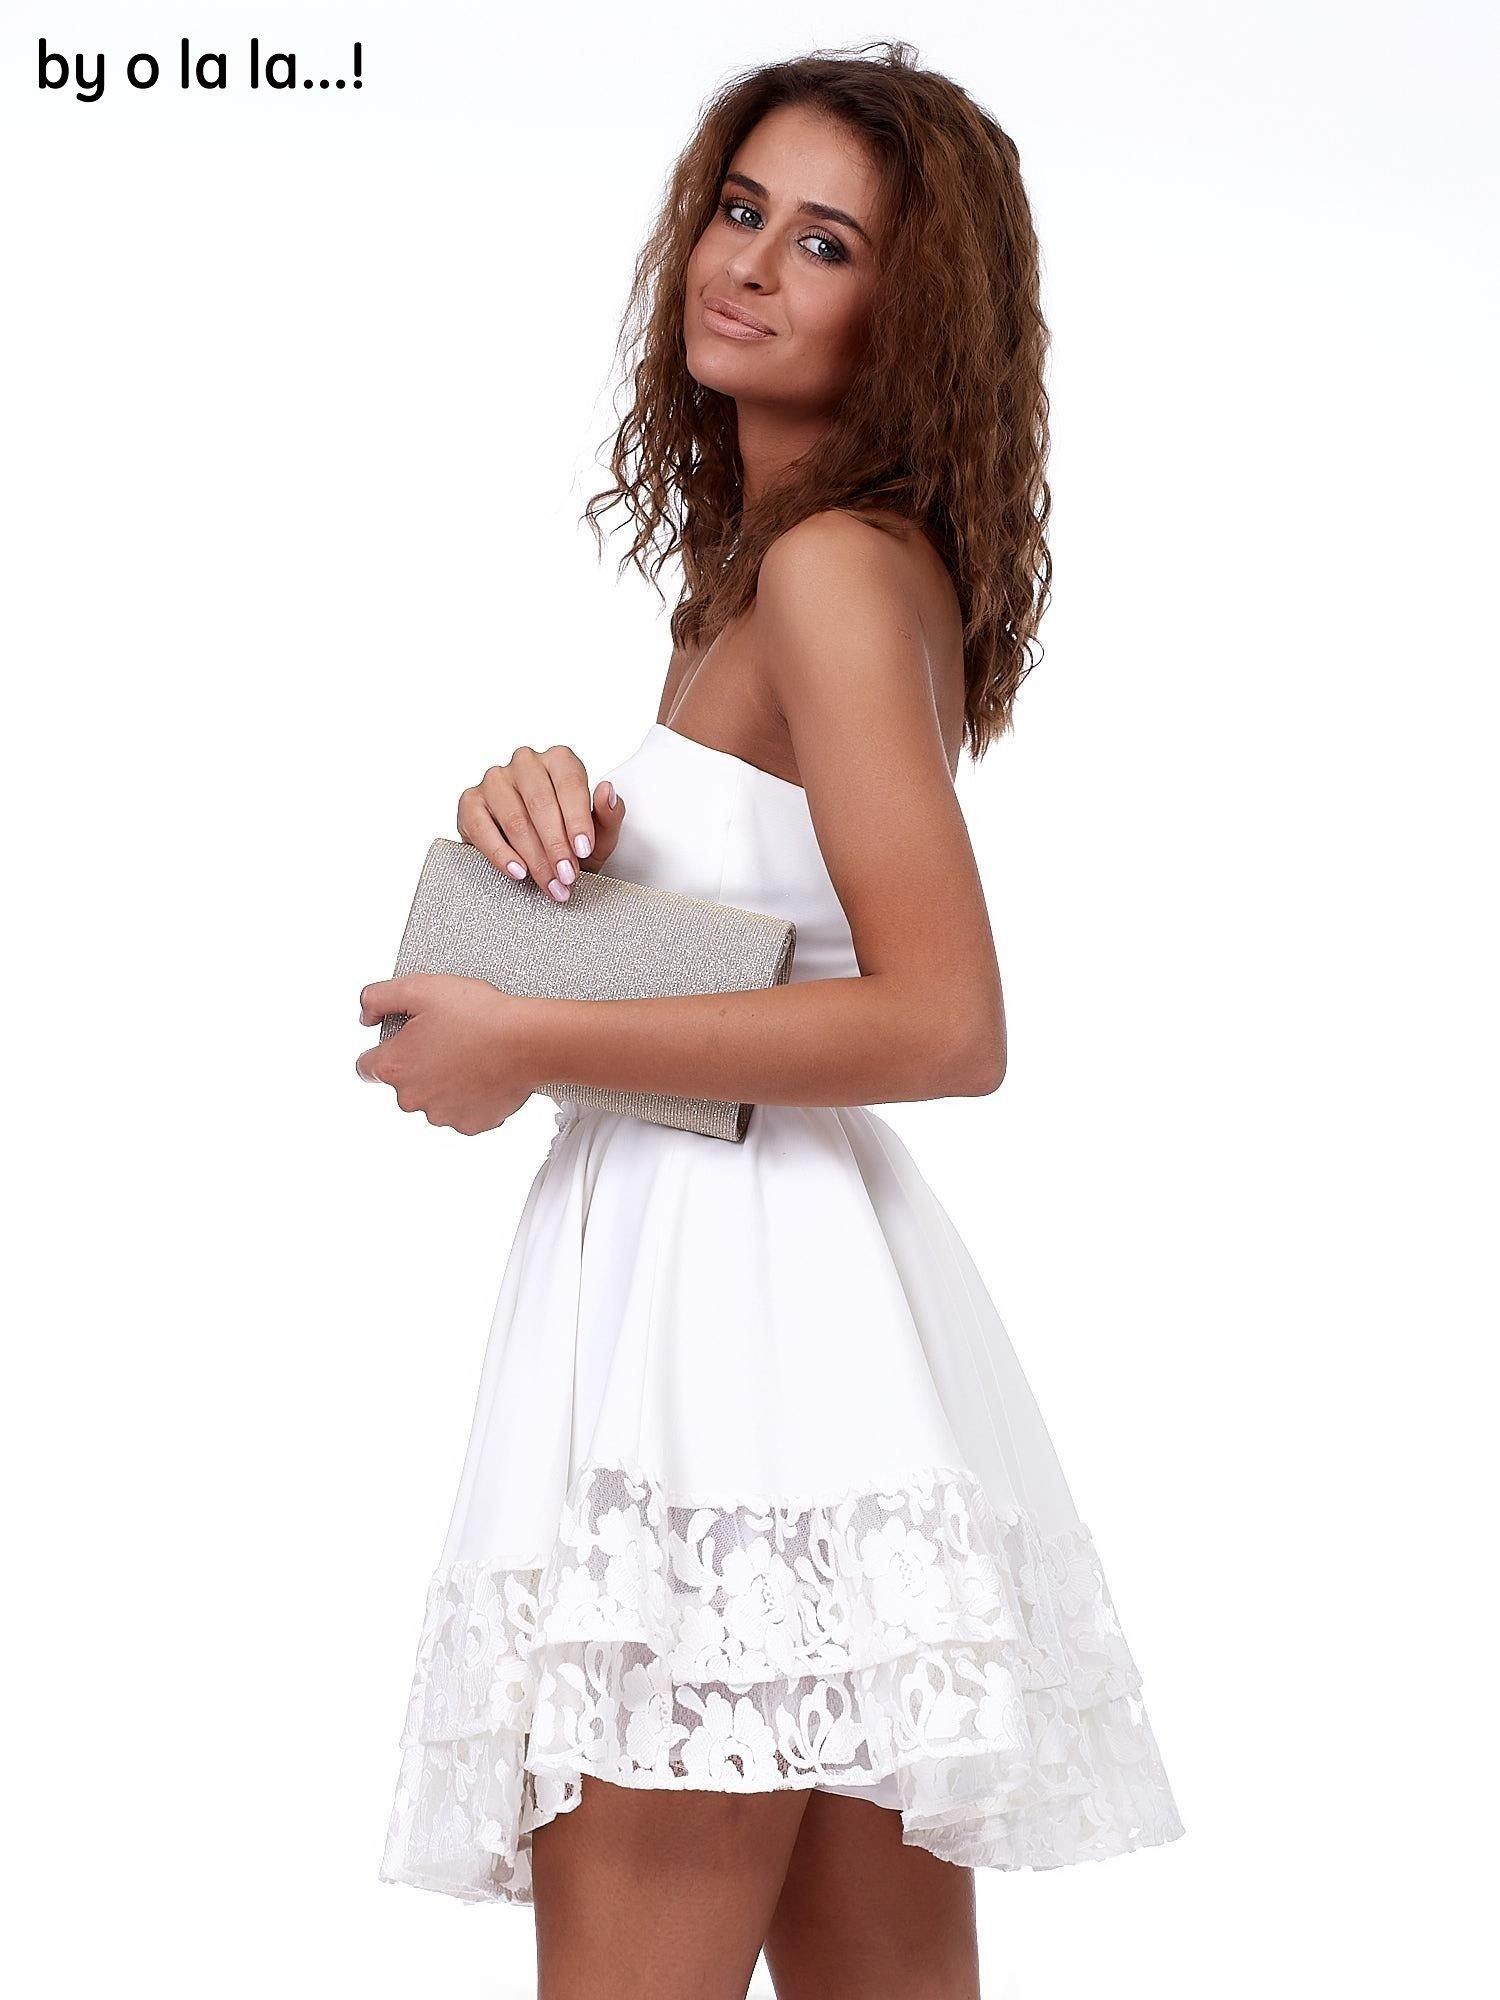 3b53c57588 10 · Ecru rozkloszowana sukienka z koronkowym wykończeniem BY O LA LA ...